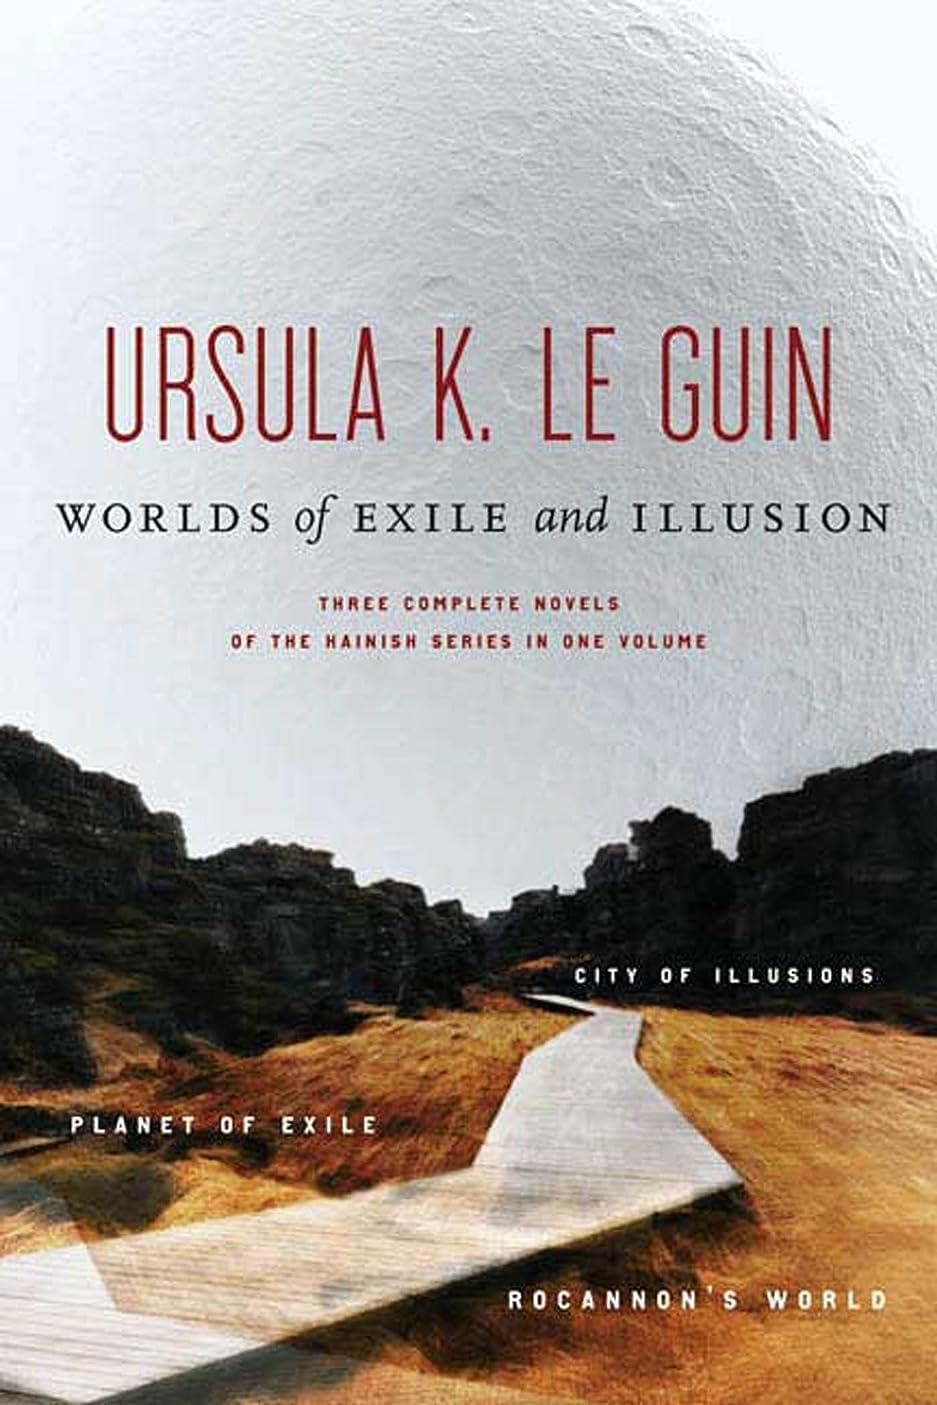 鎮痛剤必要とする膨張するWorlds of Exile and Illusion: Rocannon's World, Planet of Exile, City of Illusions